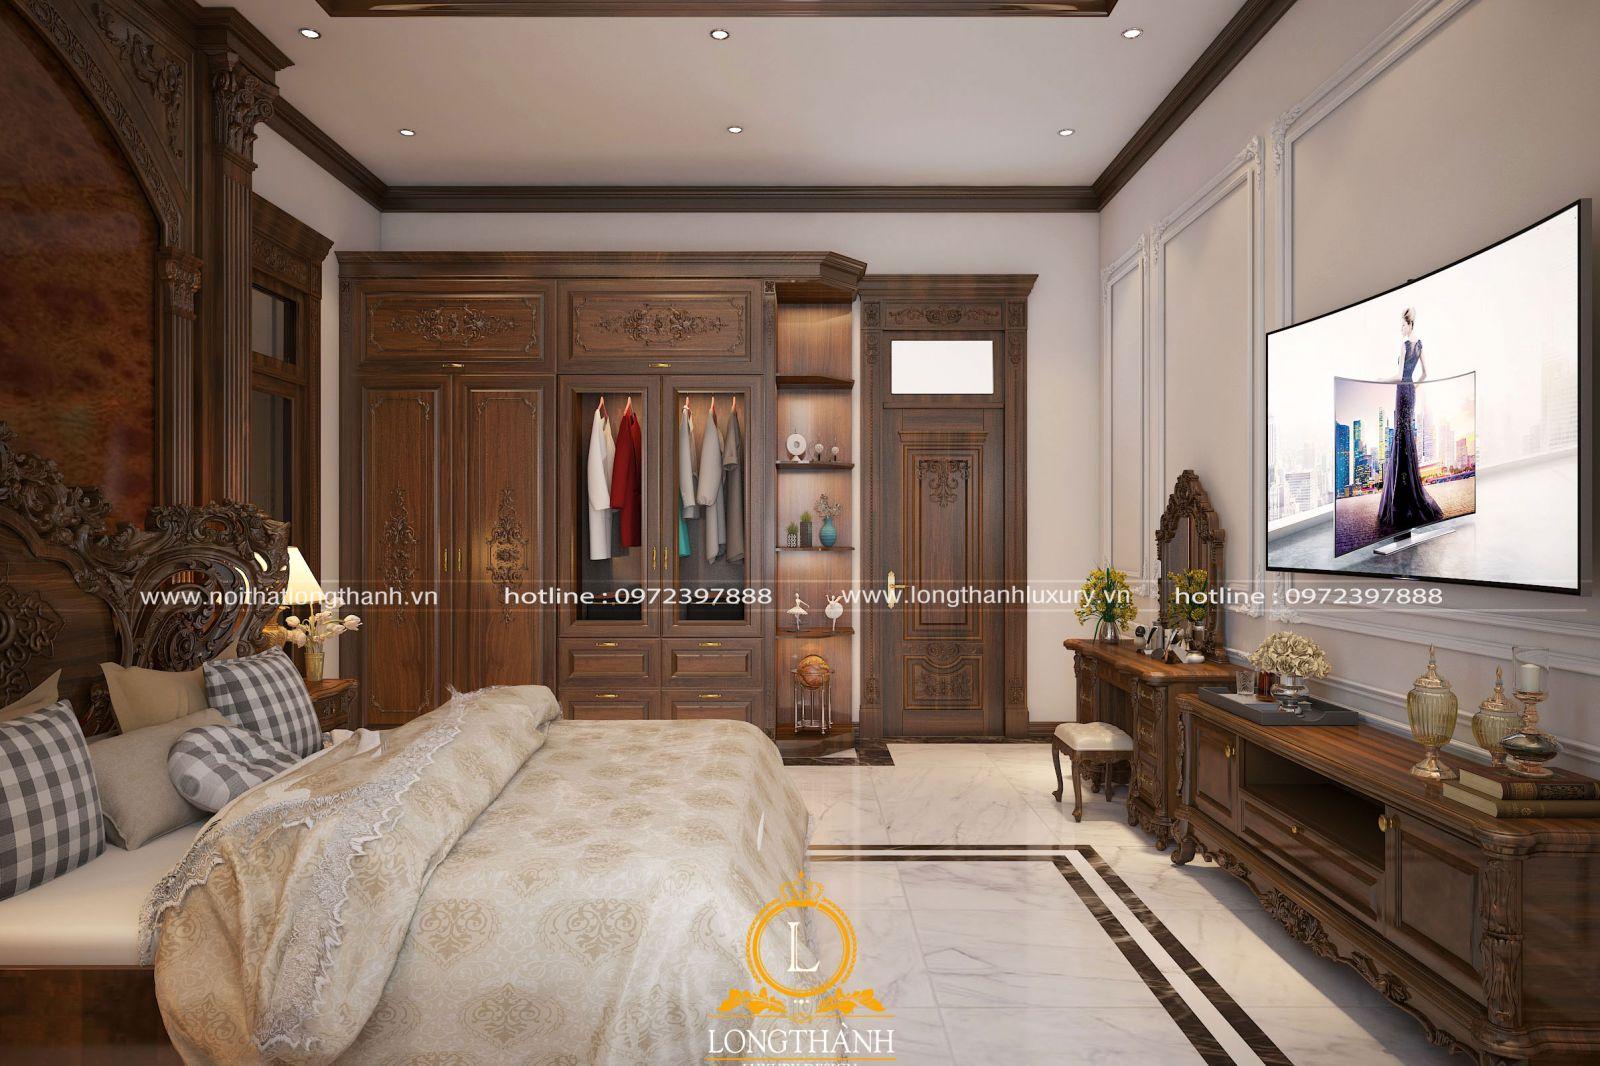 Tủ quần áo gỗ tự nhiên chất lượng